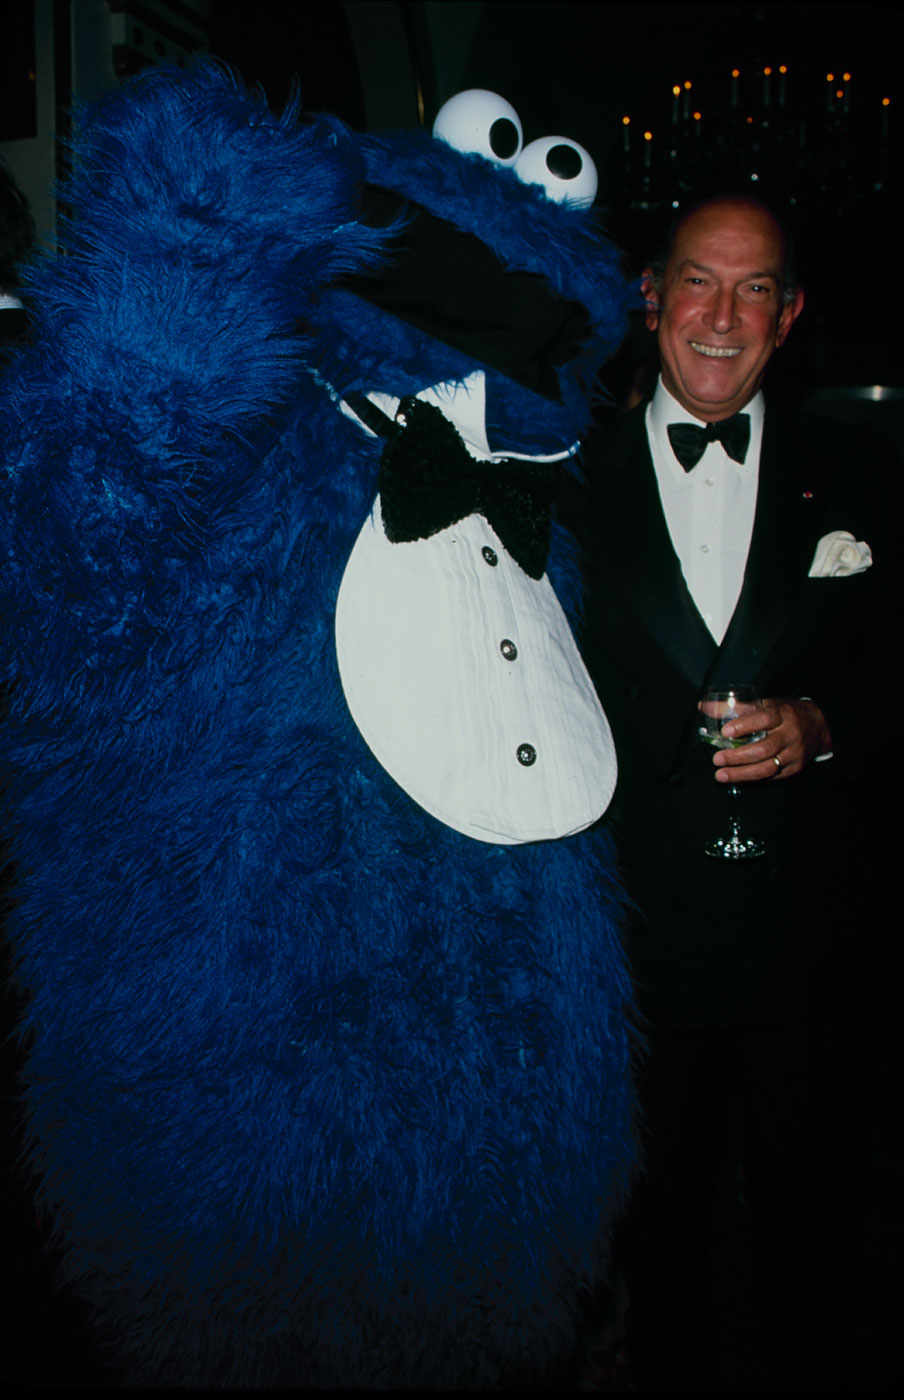 Oscar De La Renta with Sesame Street's Cookie Monster.